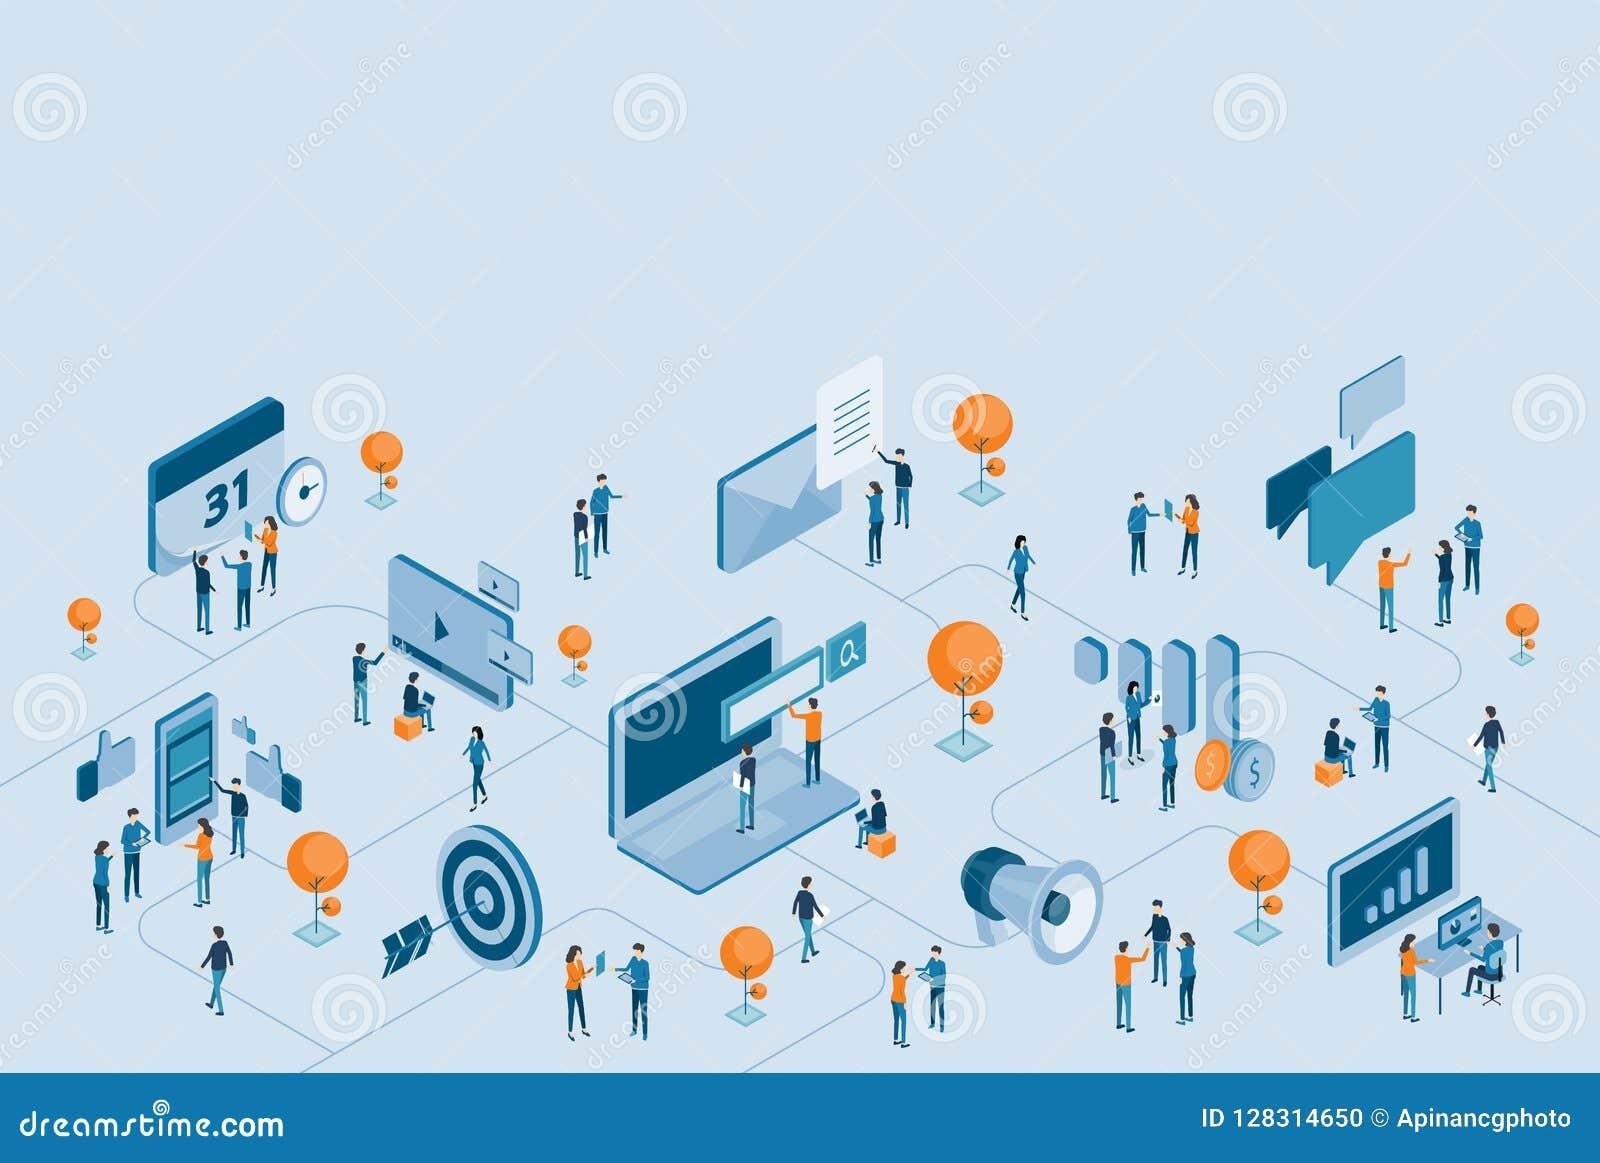 Projeto isométrico para a conexão em linha do mercado digital do negócio